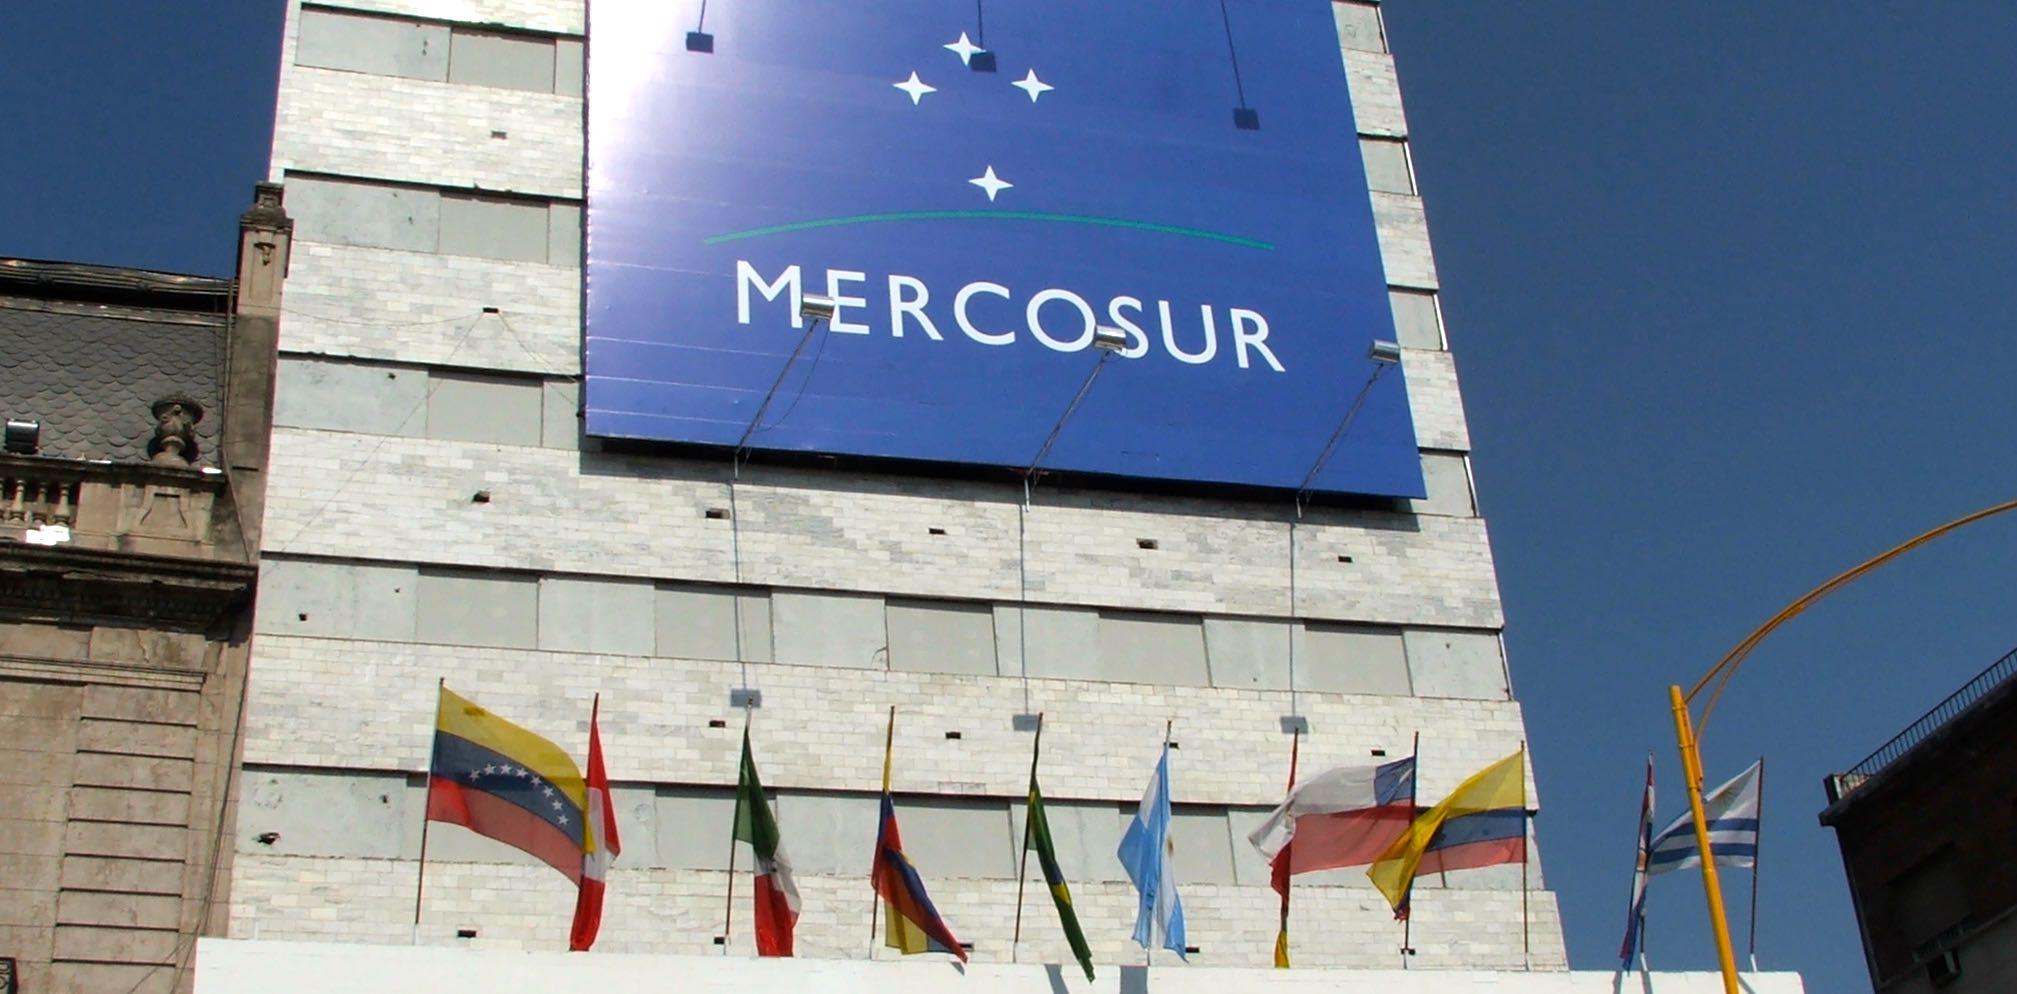 El tratado de libre comercio entre la EU y Mercosur se podrá cerrar a inicios de 2018.